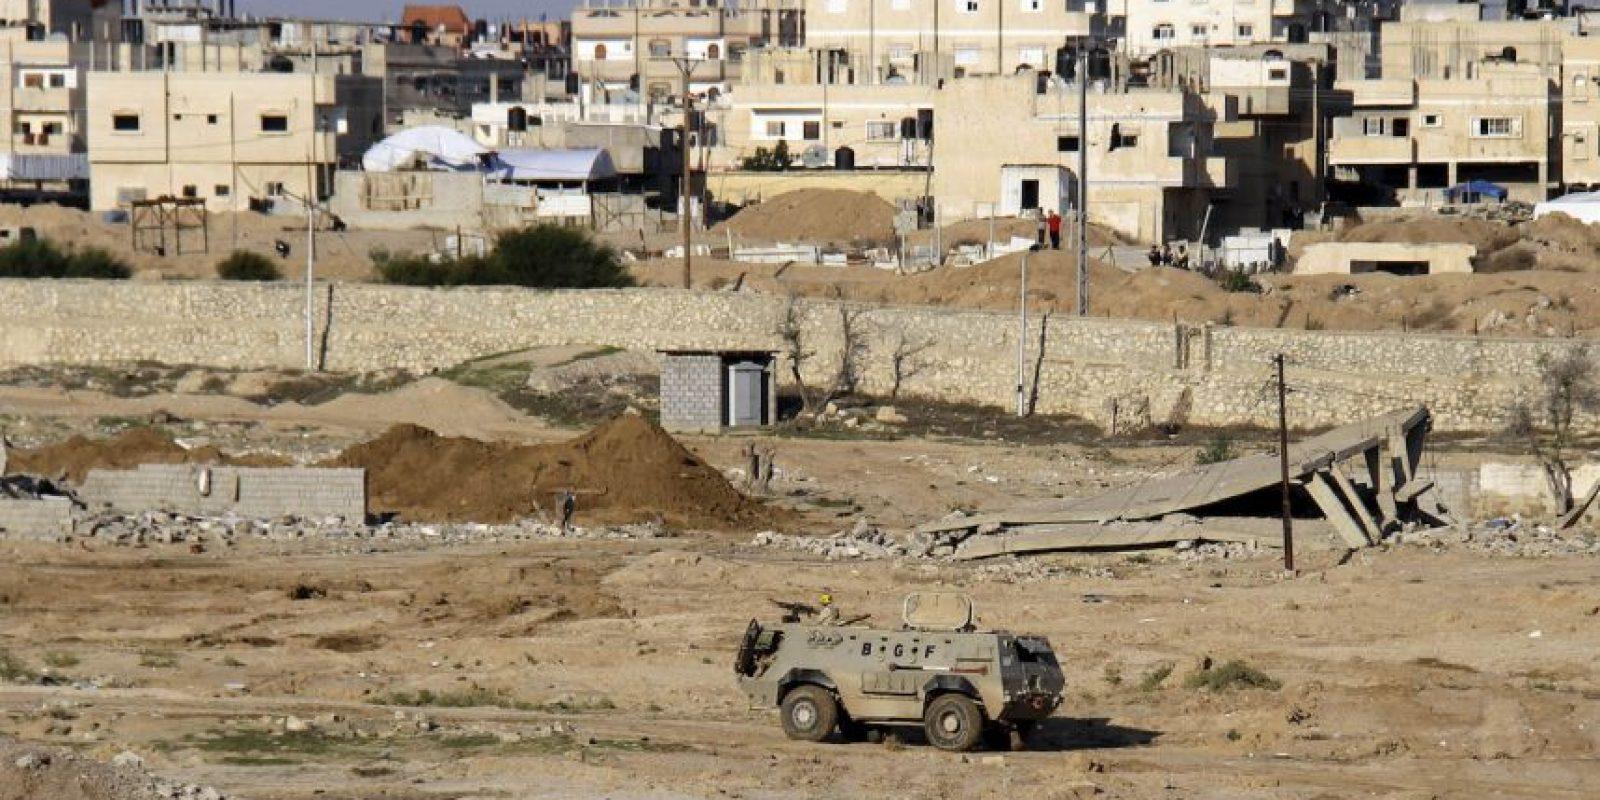 Ejército egipcio retoma el control en la península de Sinaí. Foto:AP